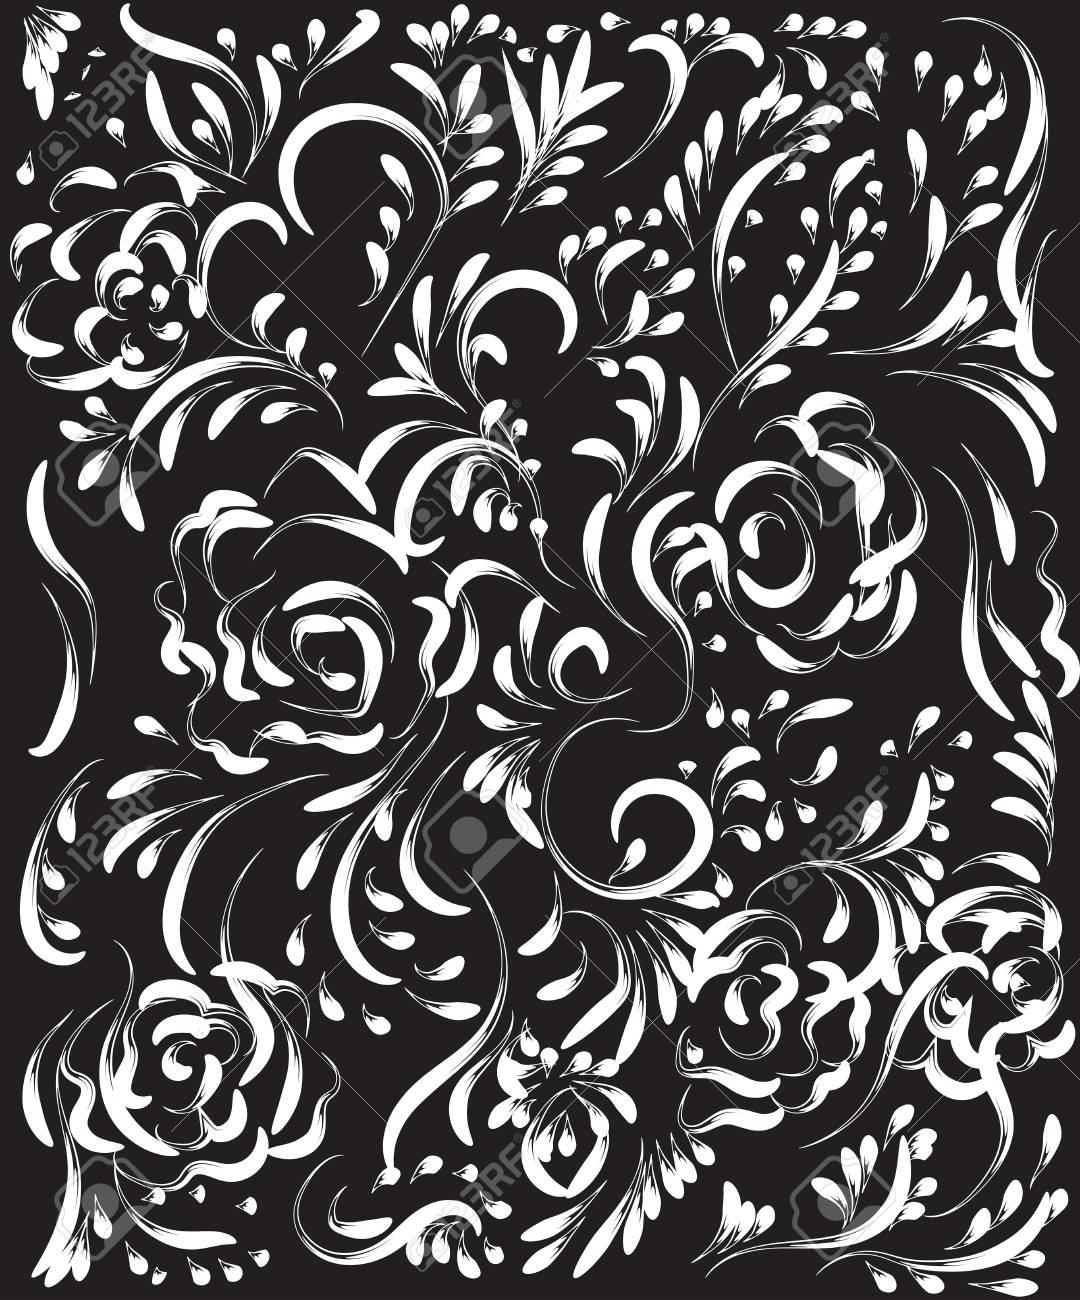 Hermoso Patrón De Flores Vintage Blanco Sobre Fondo Negro Dibujos De Monogramas En Las Uñas